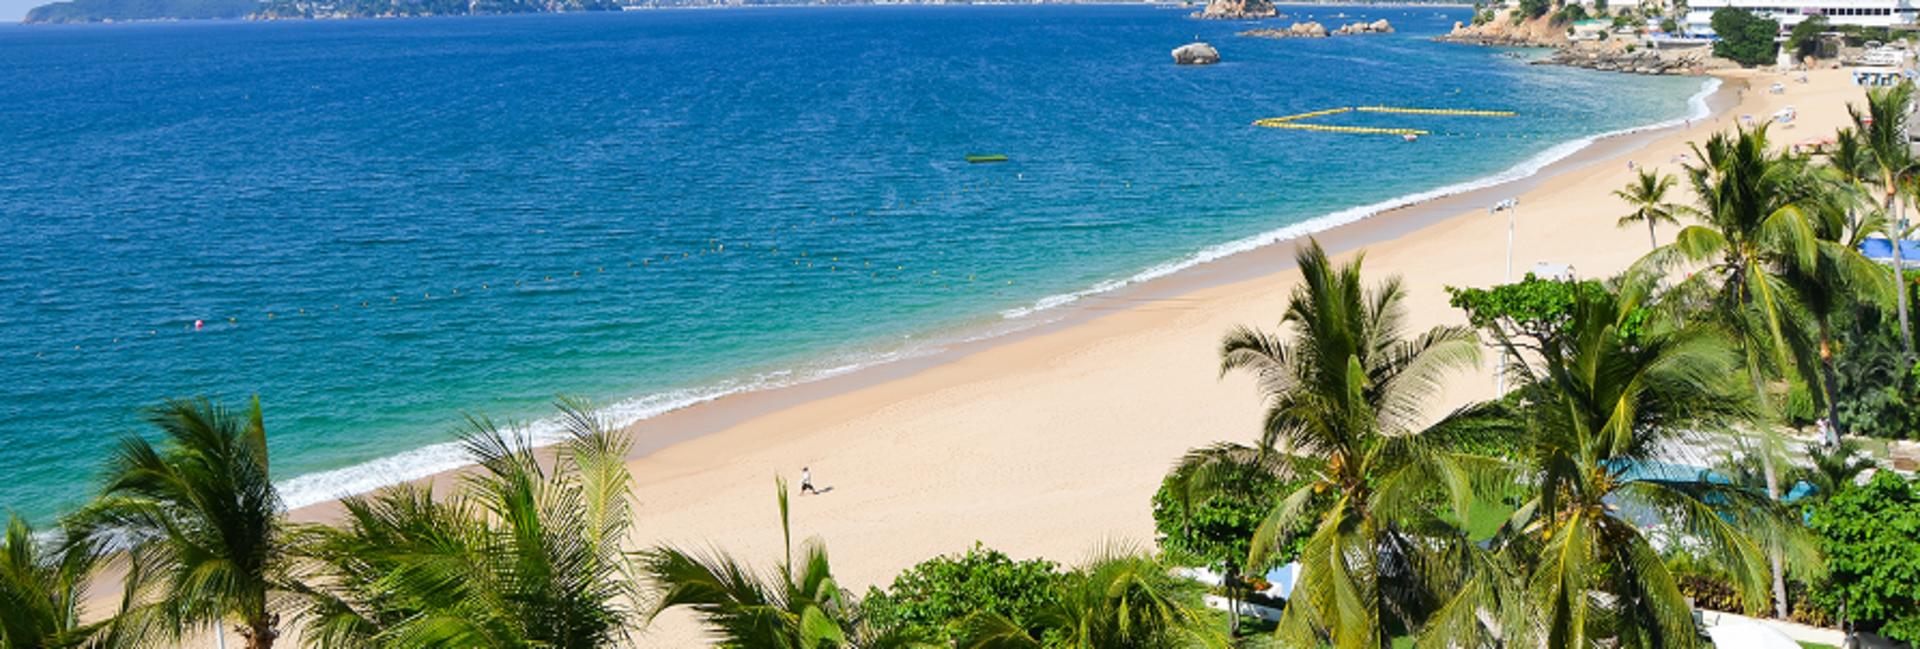 Najpiękniejsze plaże Meksyku